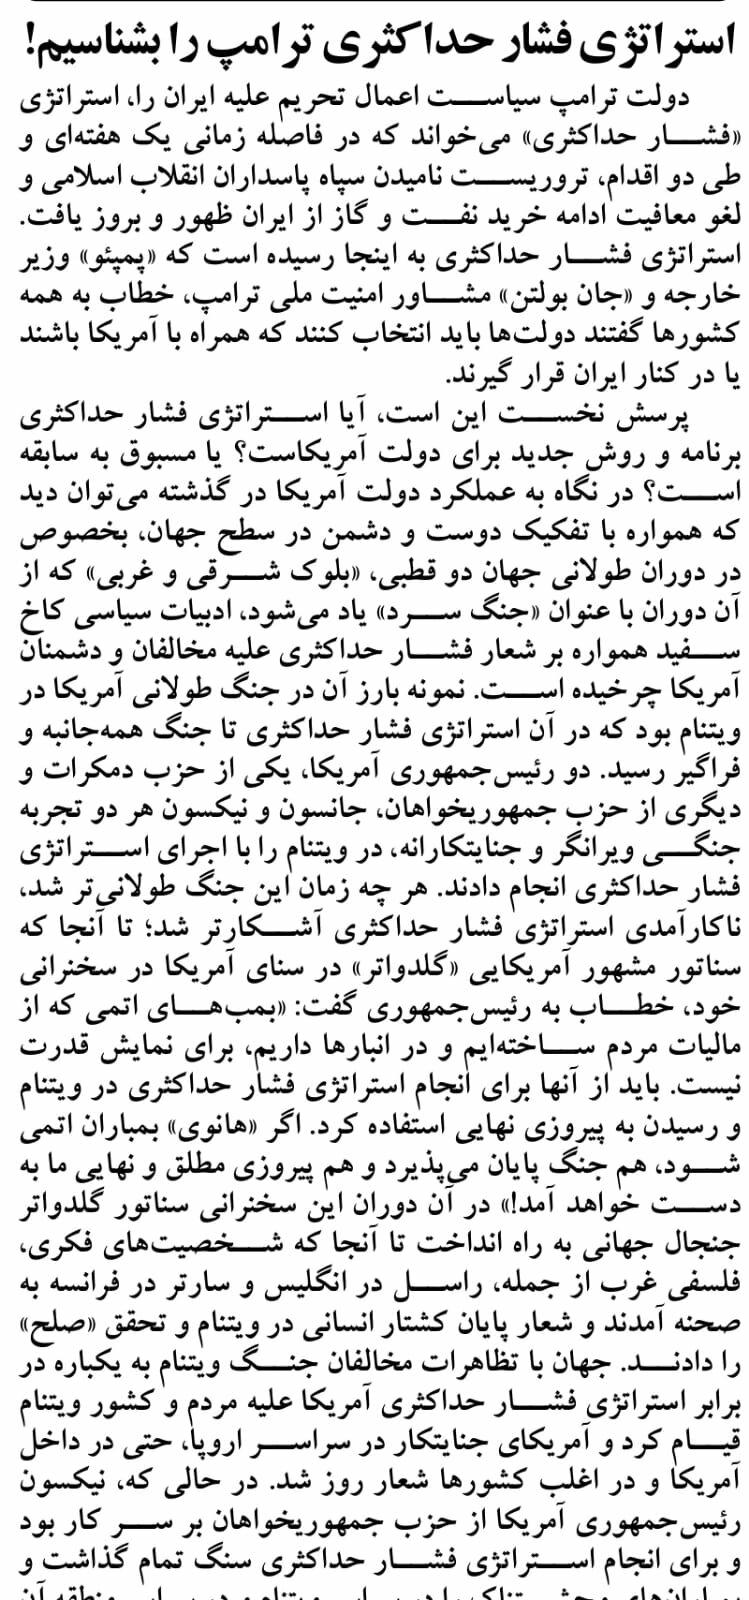 بين الصفحات الإيرانية: اقتراحات لإفشال محاولات واشنطن تصفير صادرات النفط 1